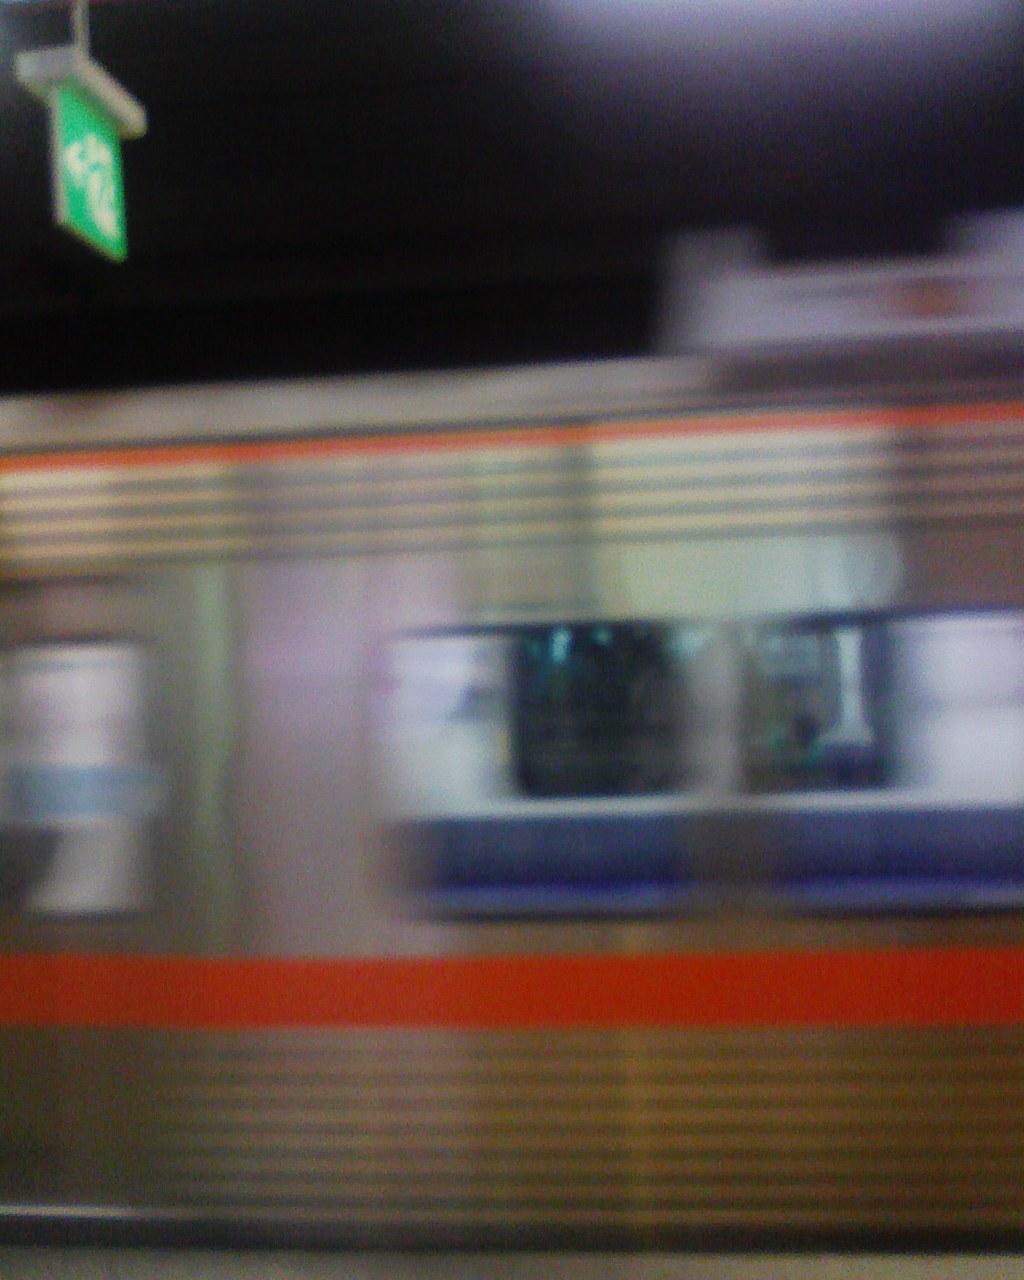 d0057733_1725364.jpg